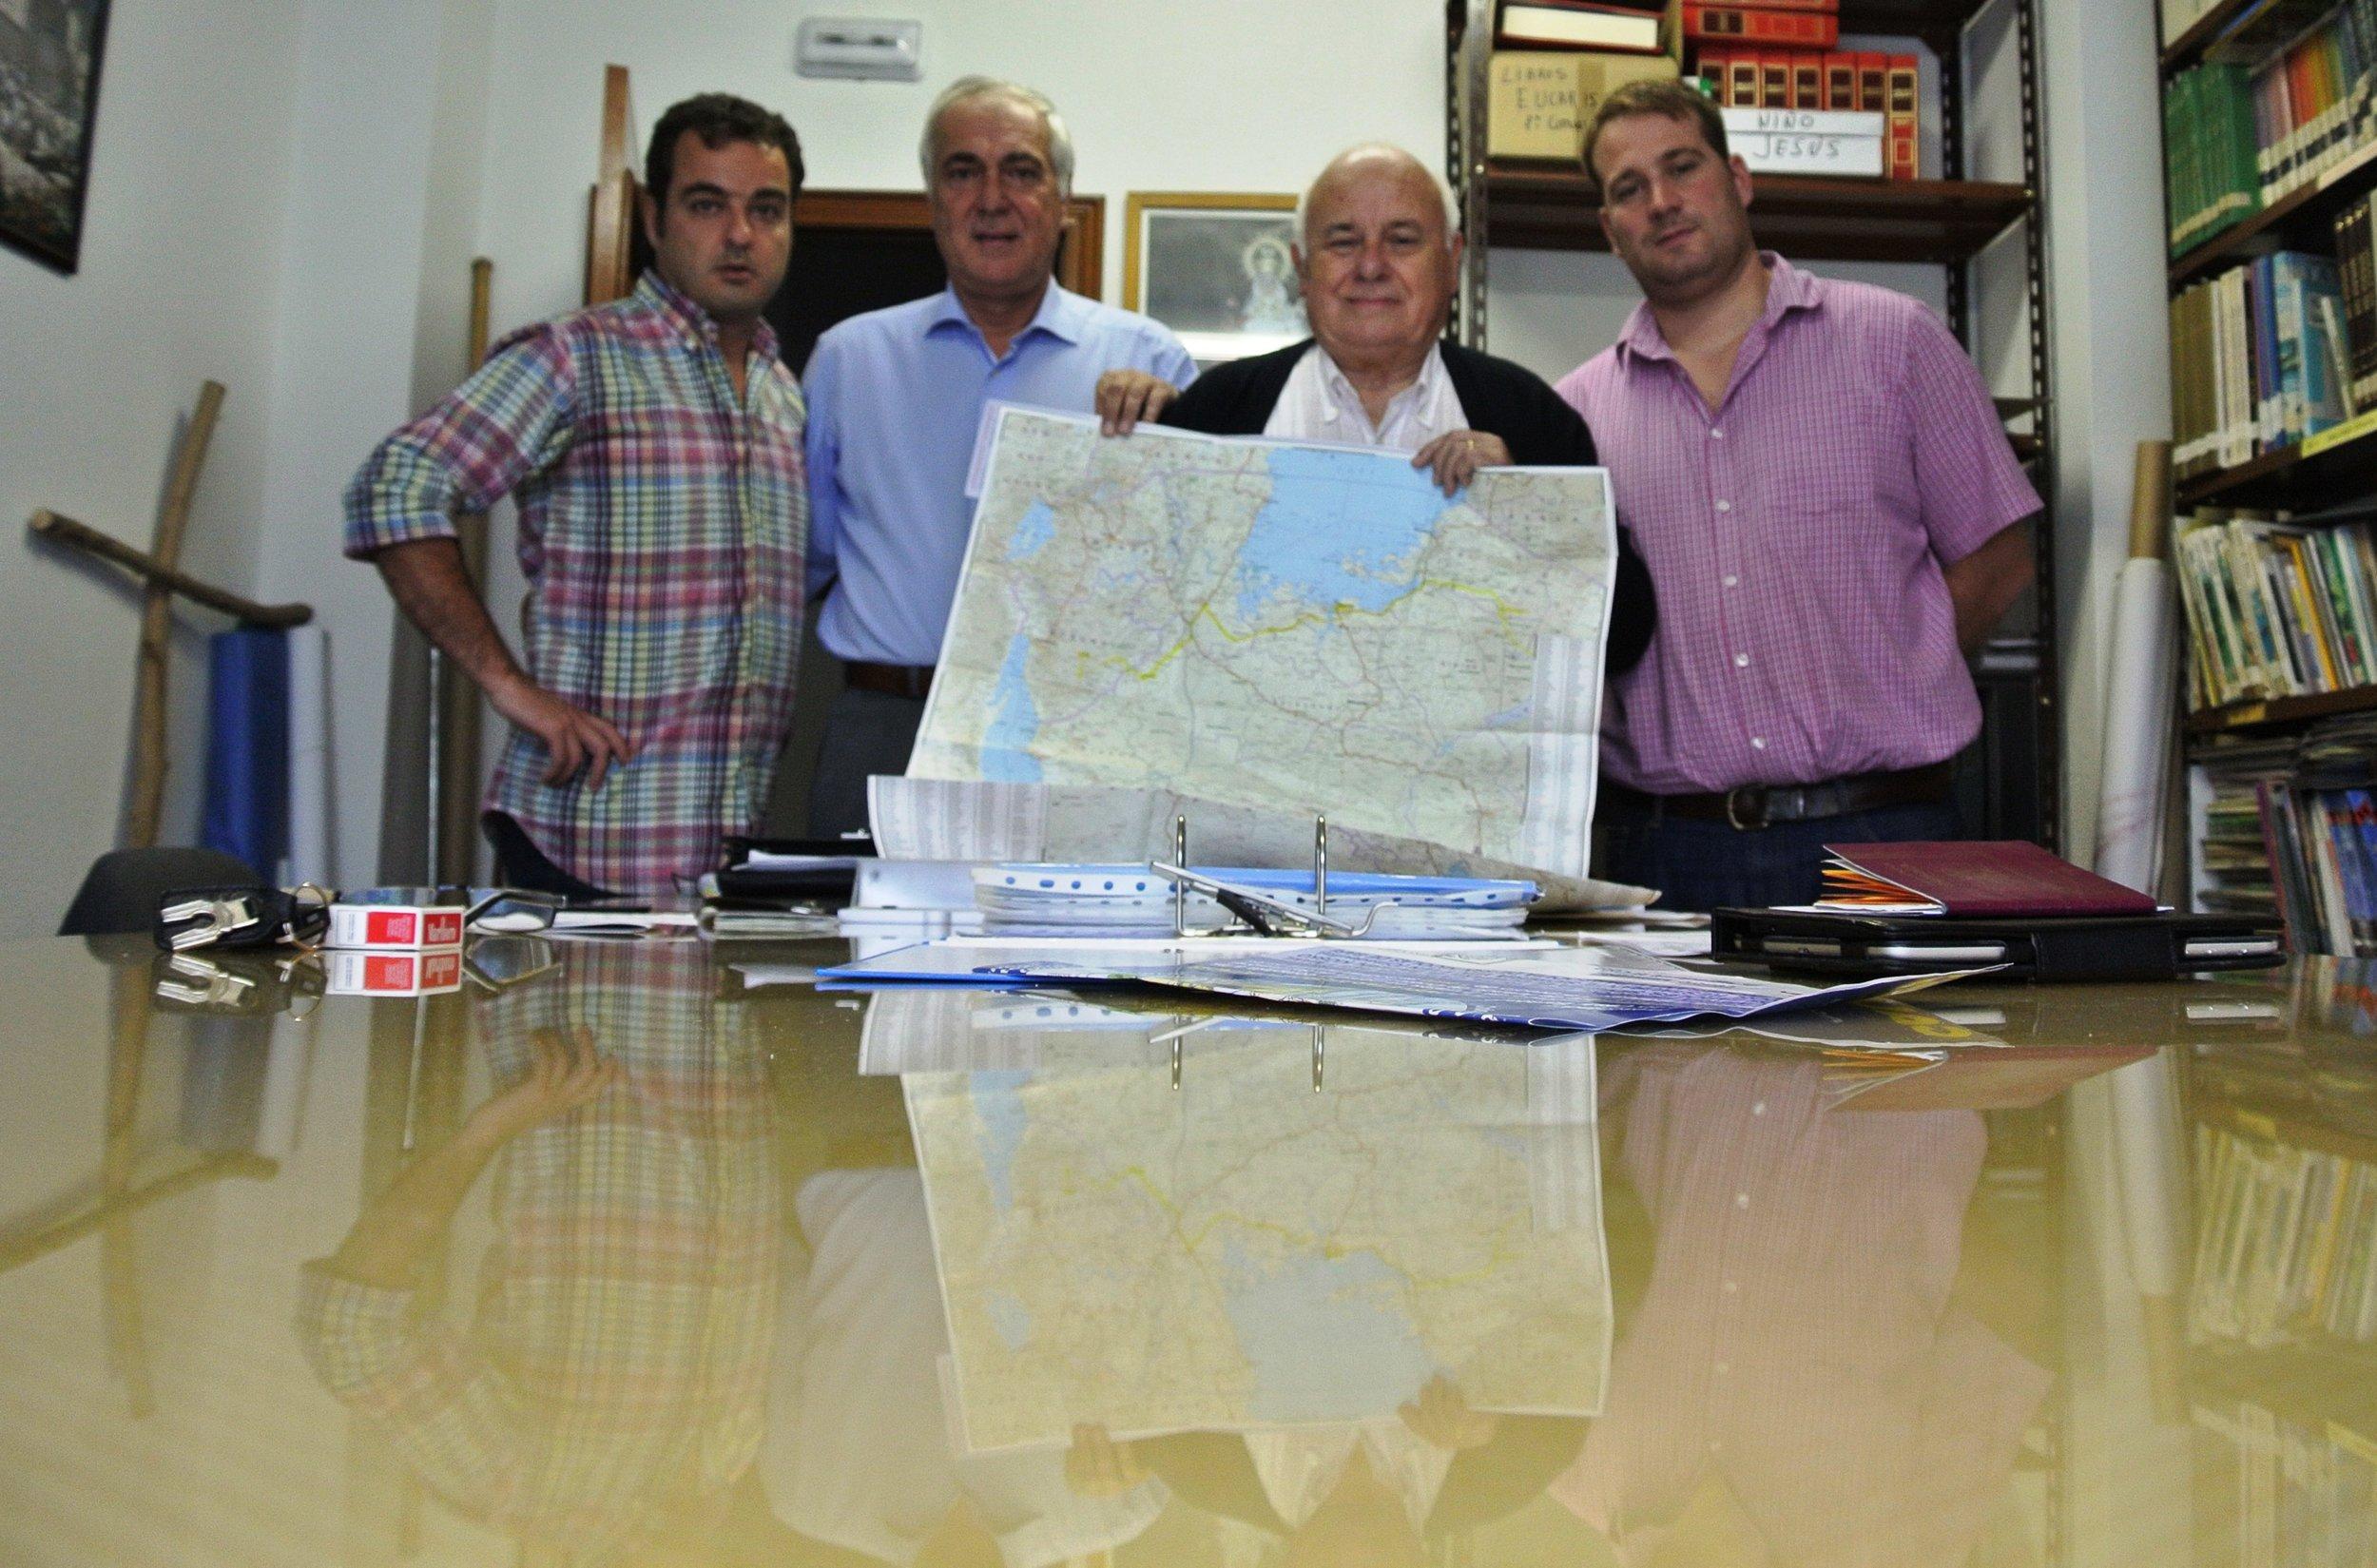 De izq a dcha, Javier Montes, Armando Menéndez, Fernando Fueyo y Juan Menéndez.JPG